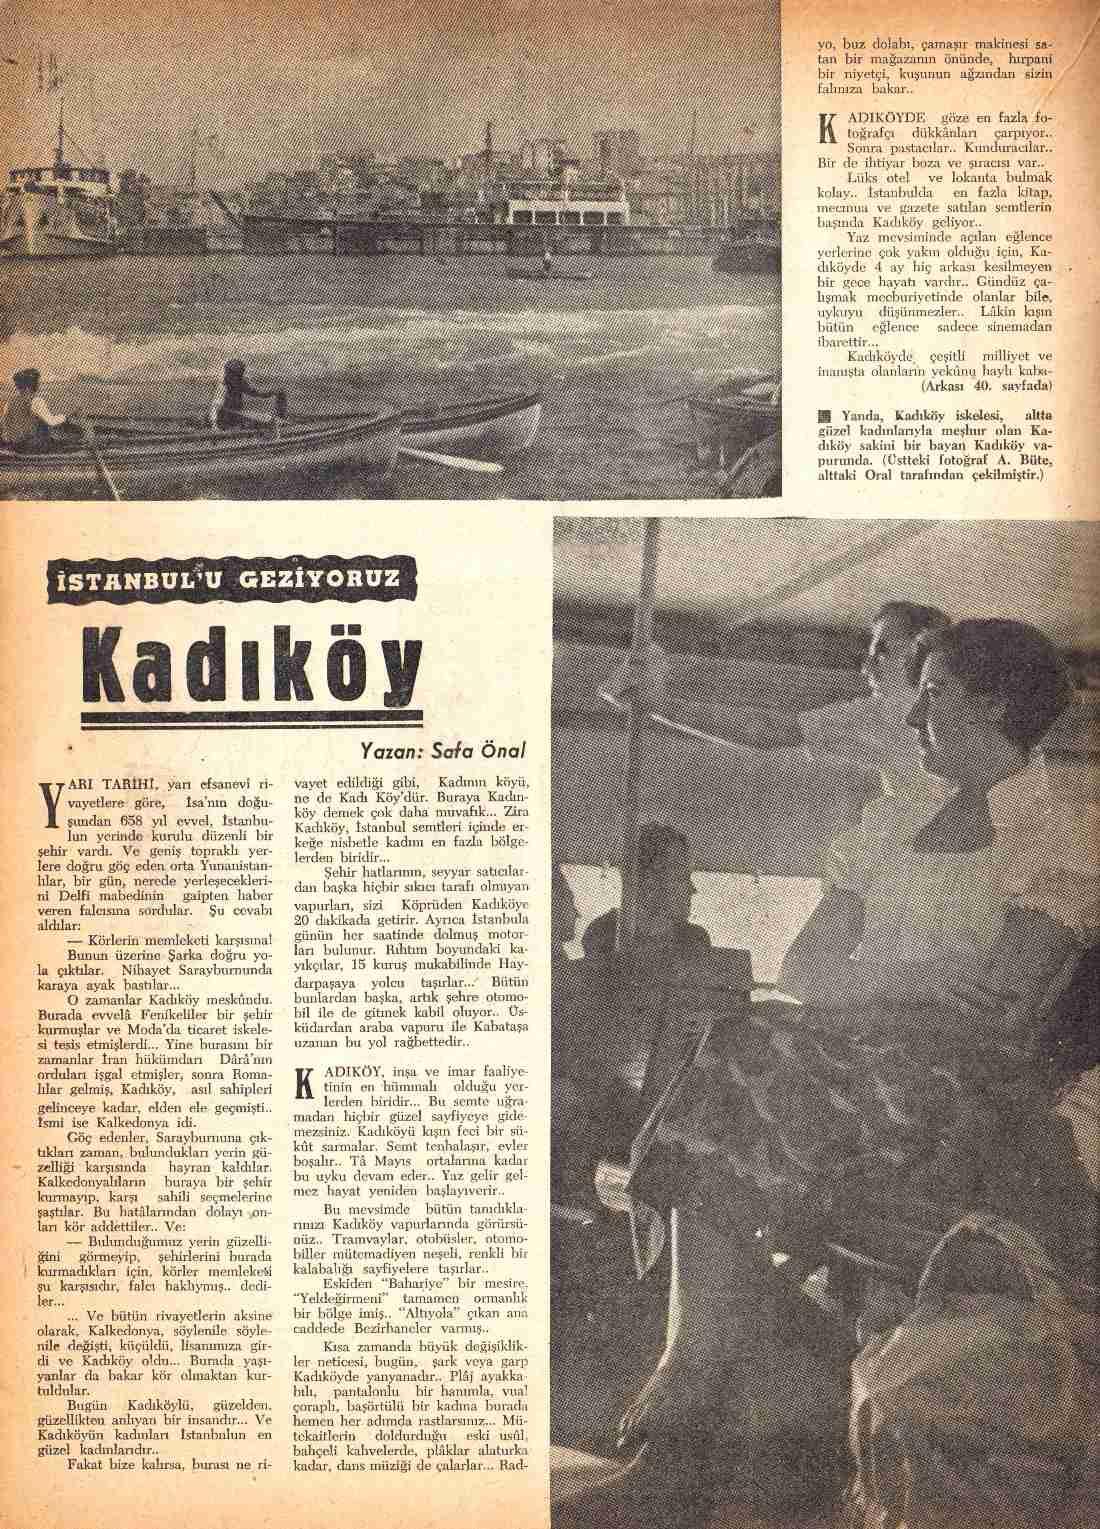 kadikoy-1